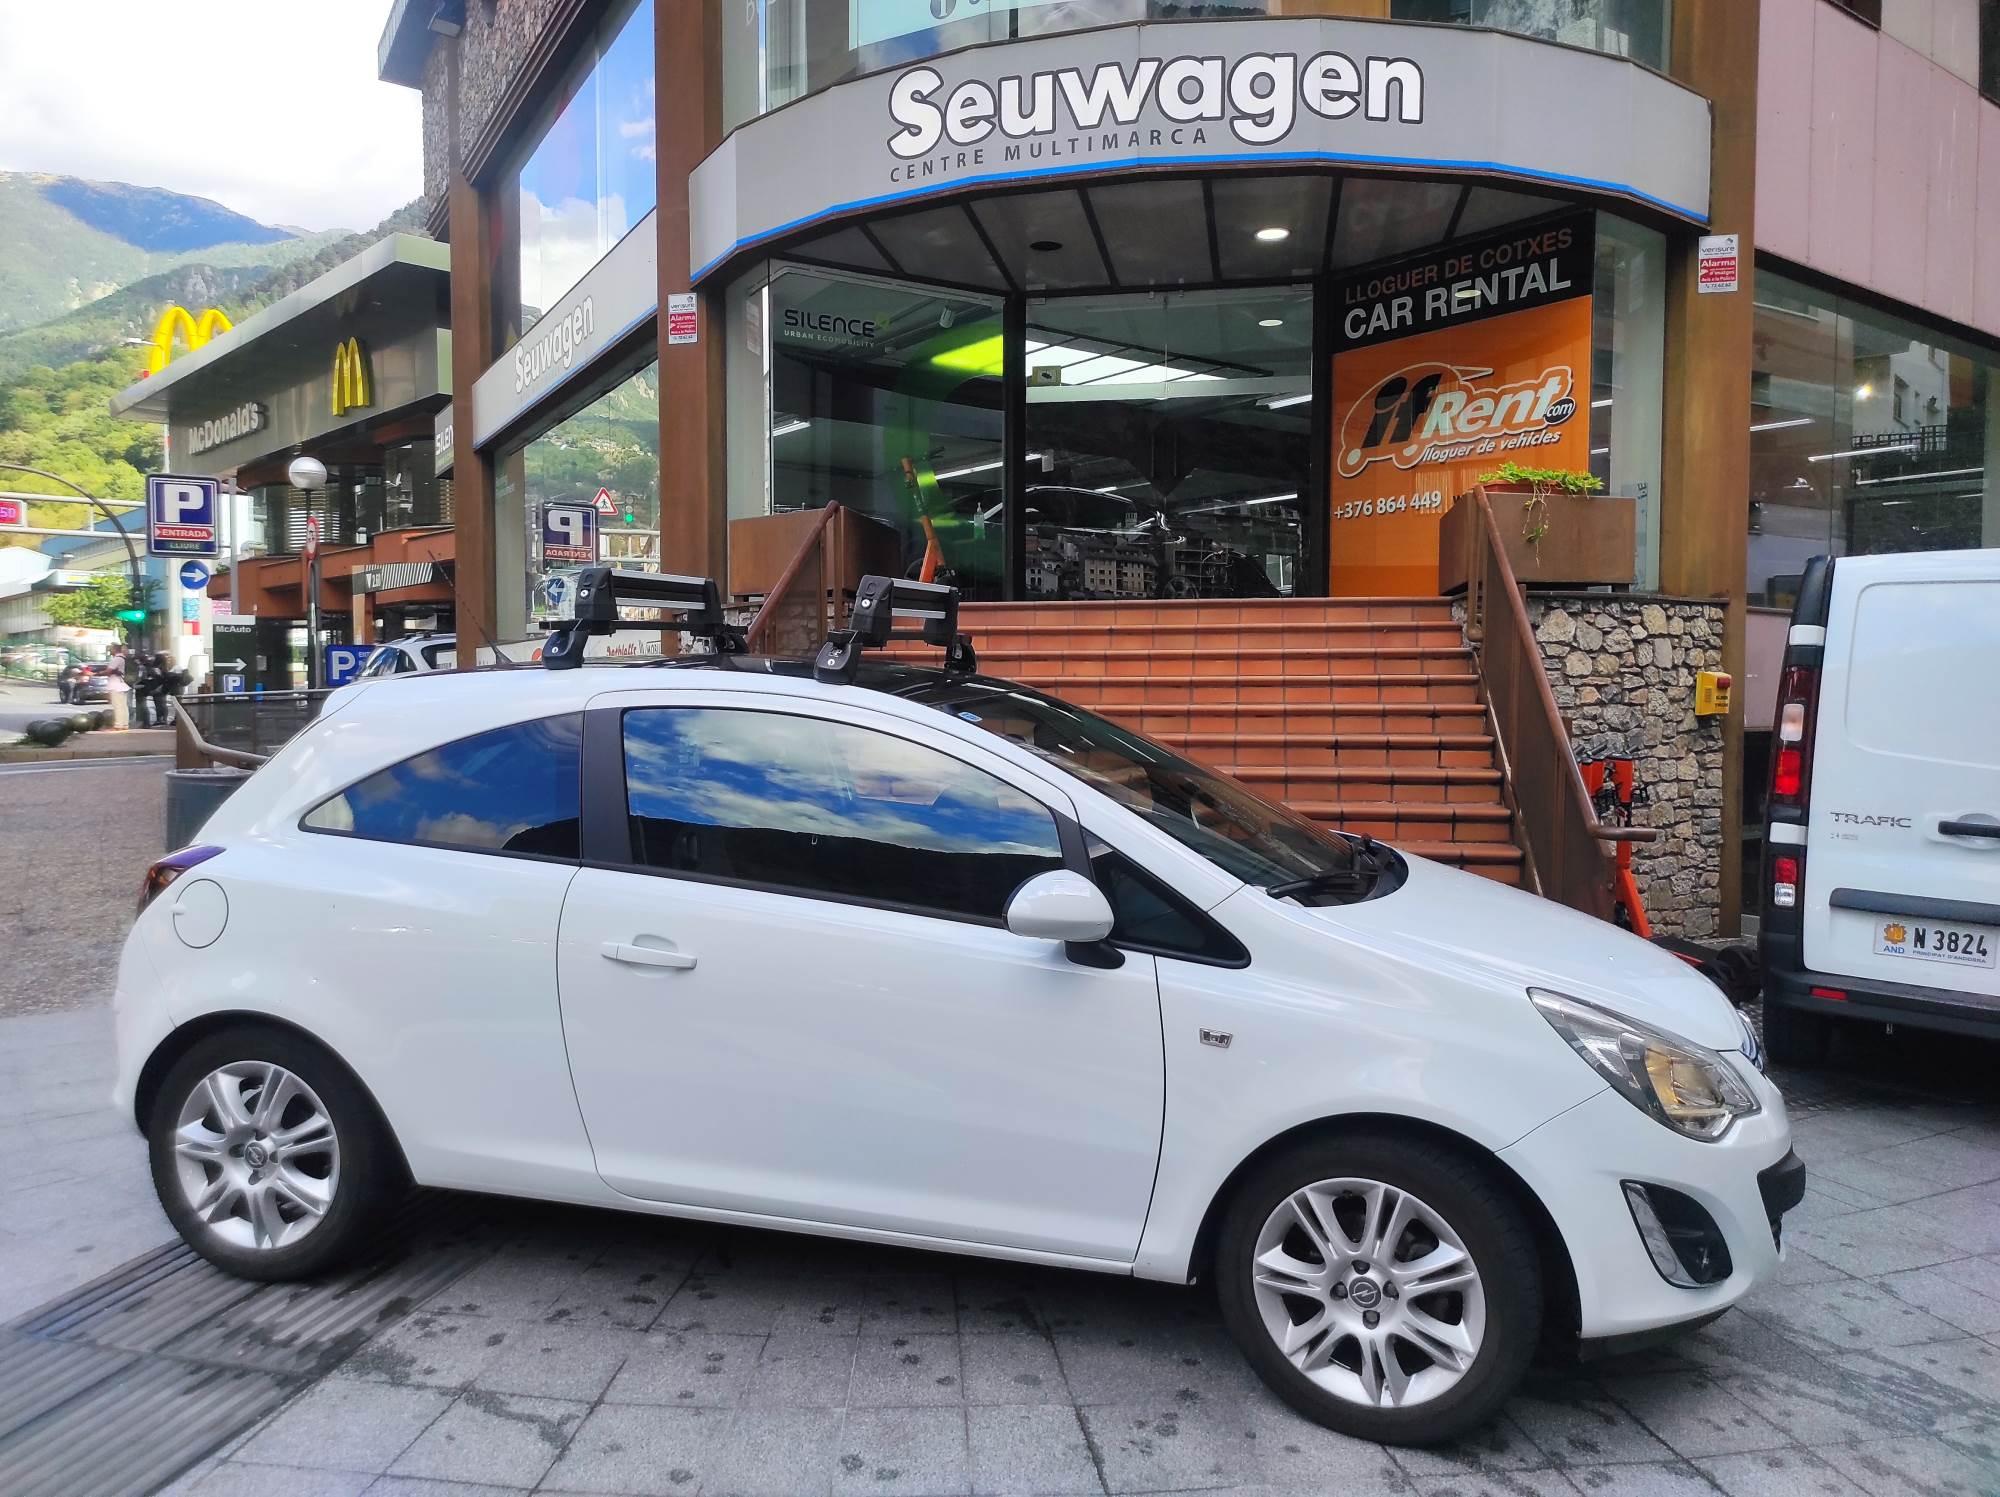 Opel - Corsa - 1.3 CDTI 1.3 CDTI Dièsel  2011  67.900 Km